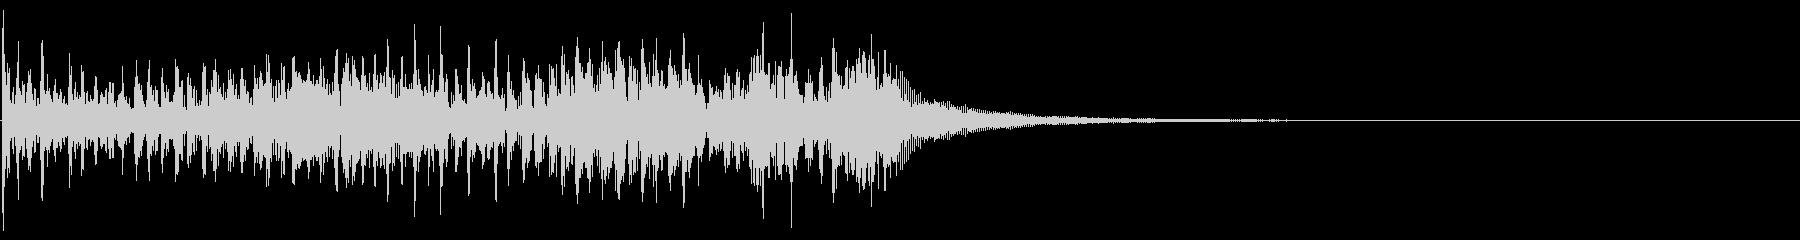 ティンパニ:ウォブルロールアクセン...の未再生の波形